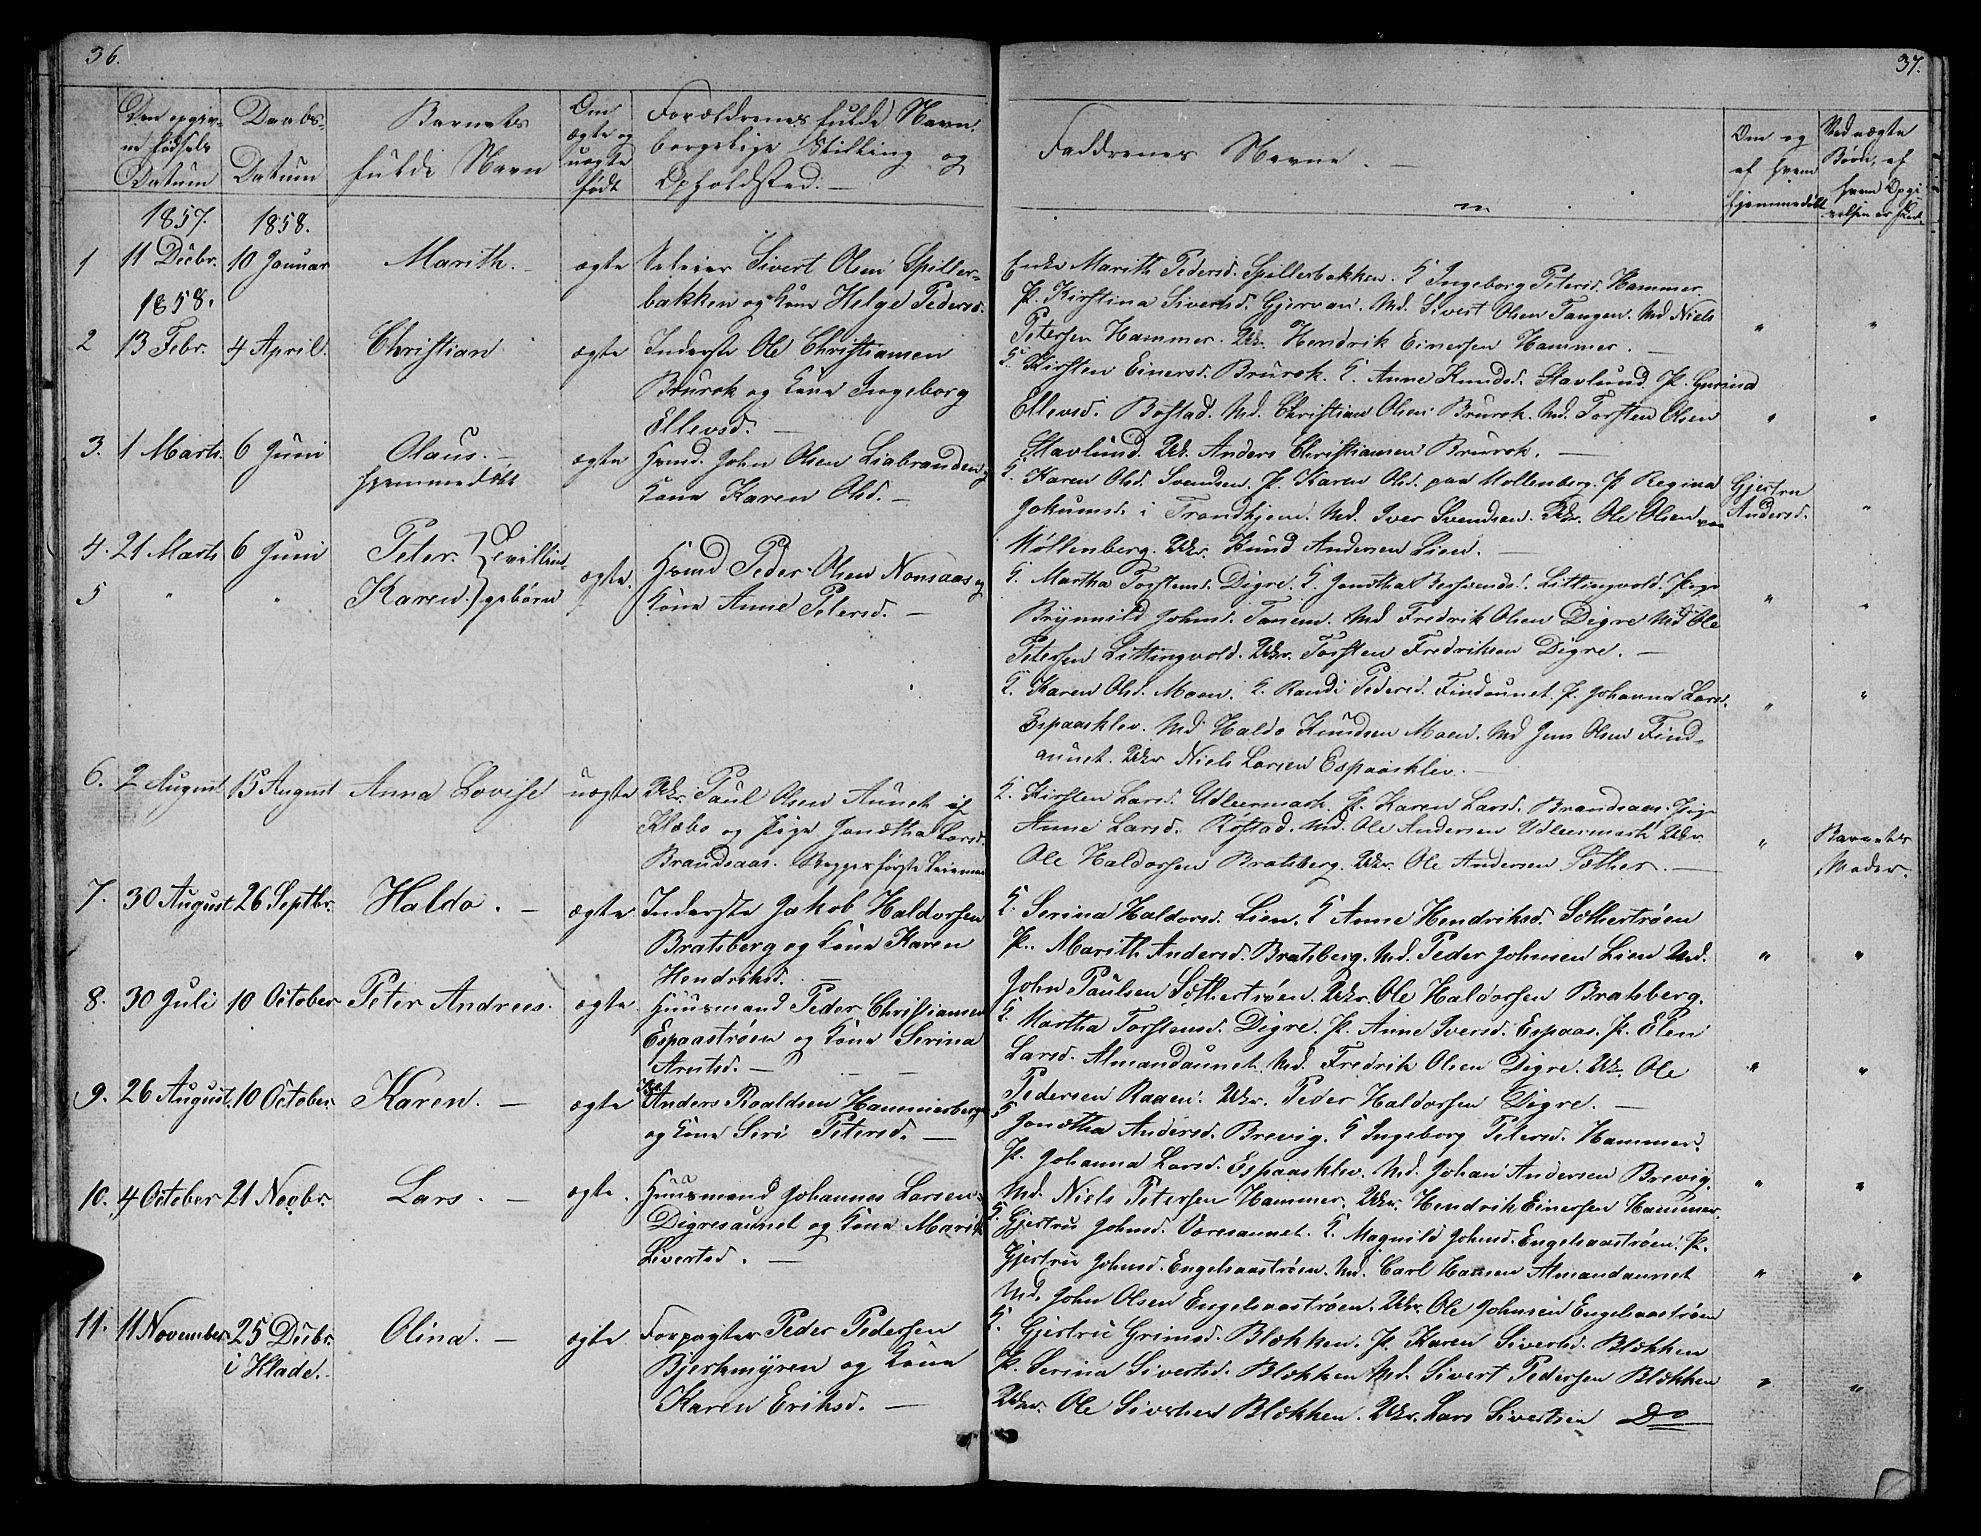 SAT, Ministerialprotokoller, klokkerbøker og fødselsregistre - Sør-Trøndelag, 608/L0339: Klokkerbok nr. 608C05, 1844-1863, s. 36-37